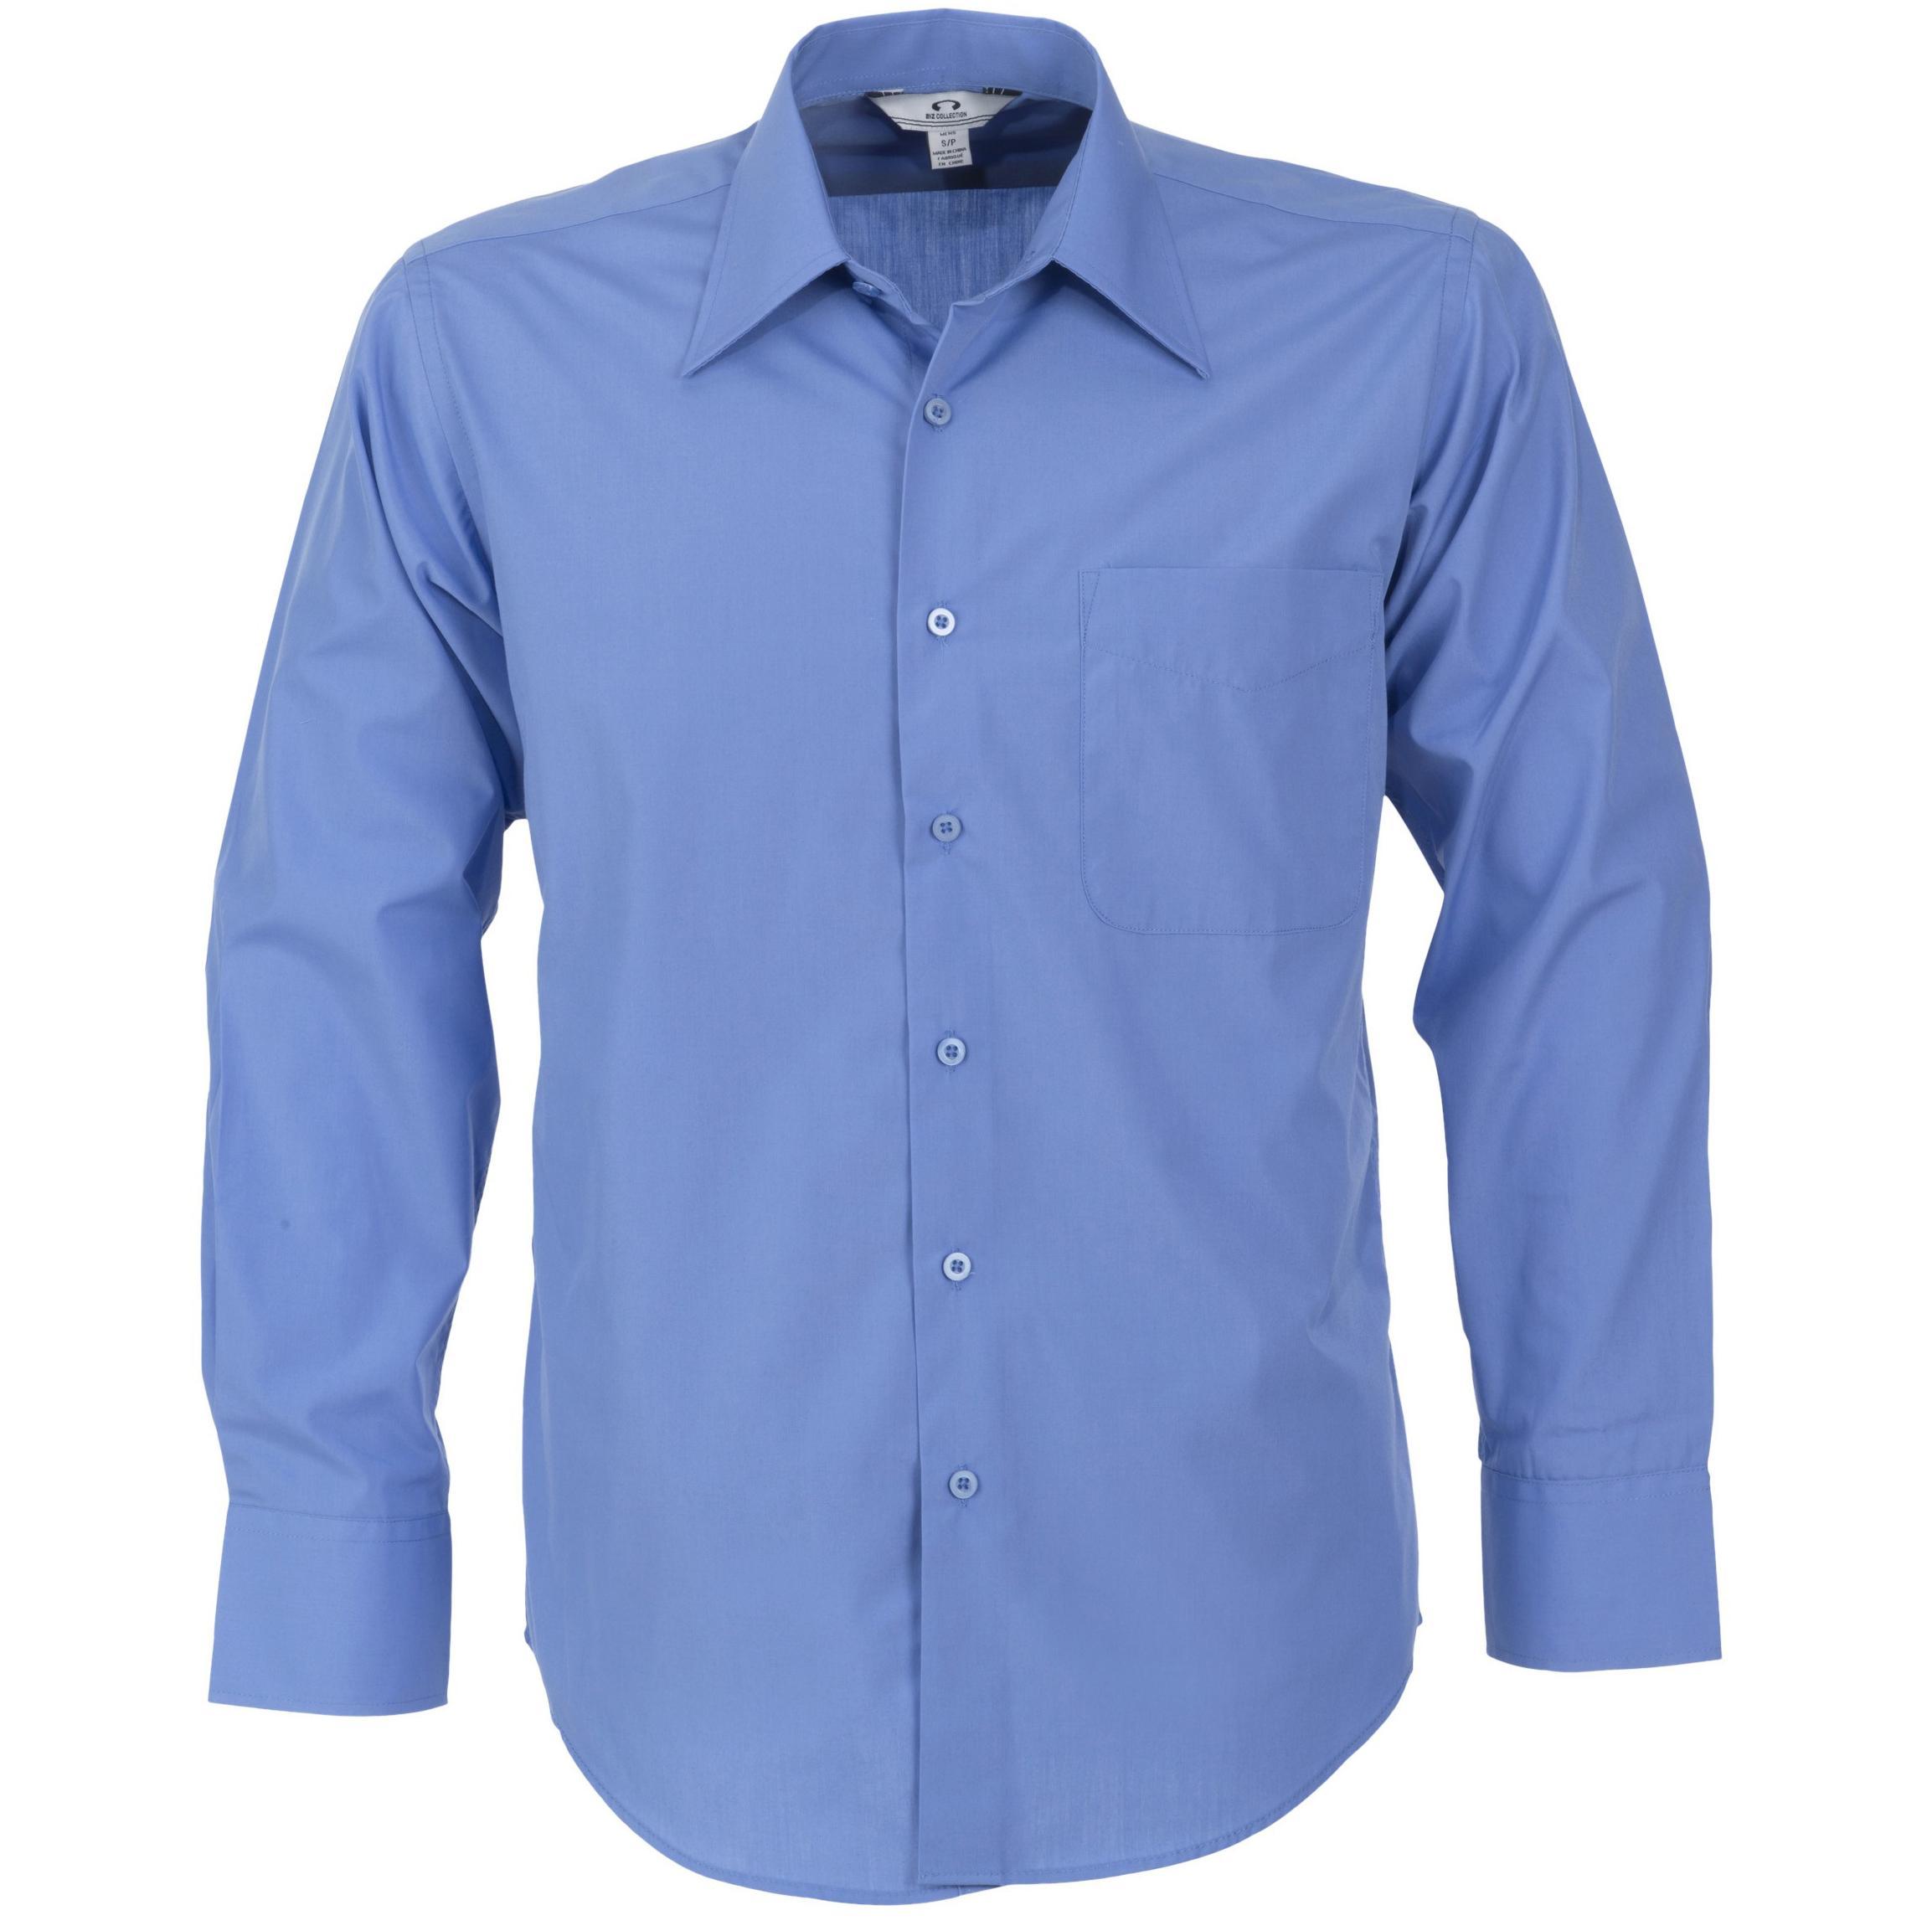 Mens Long Sleeve Metro Shirt